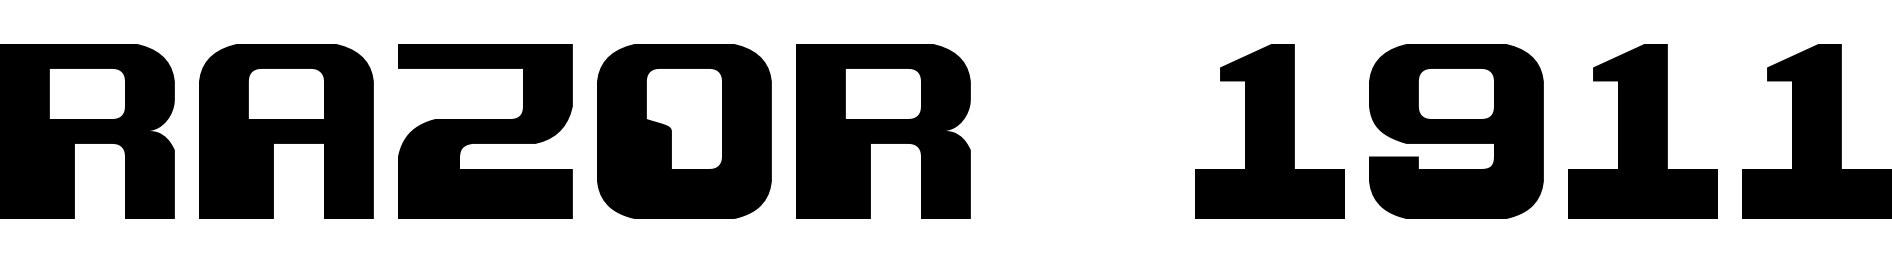 Razor 1911